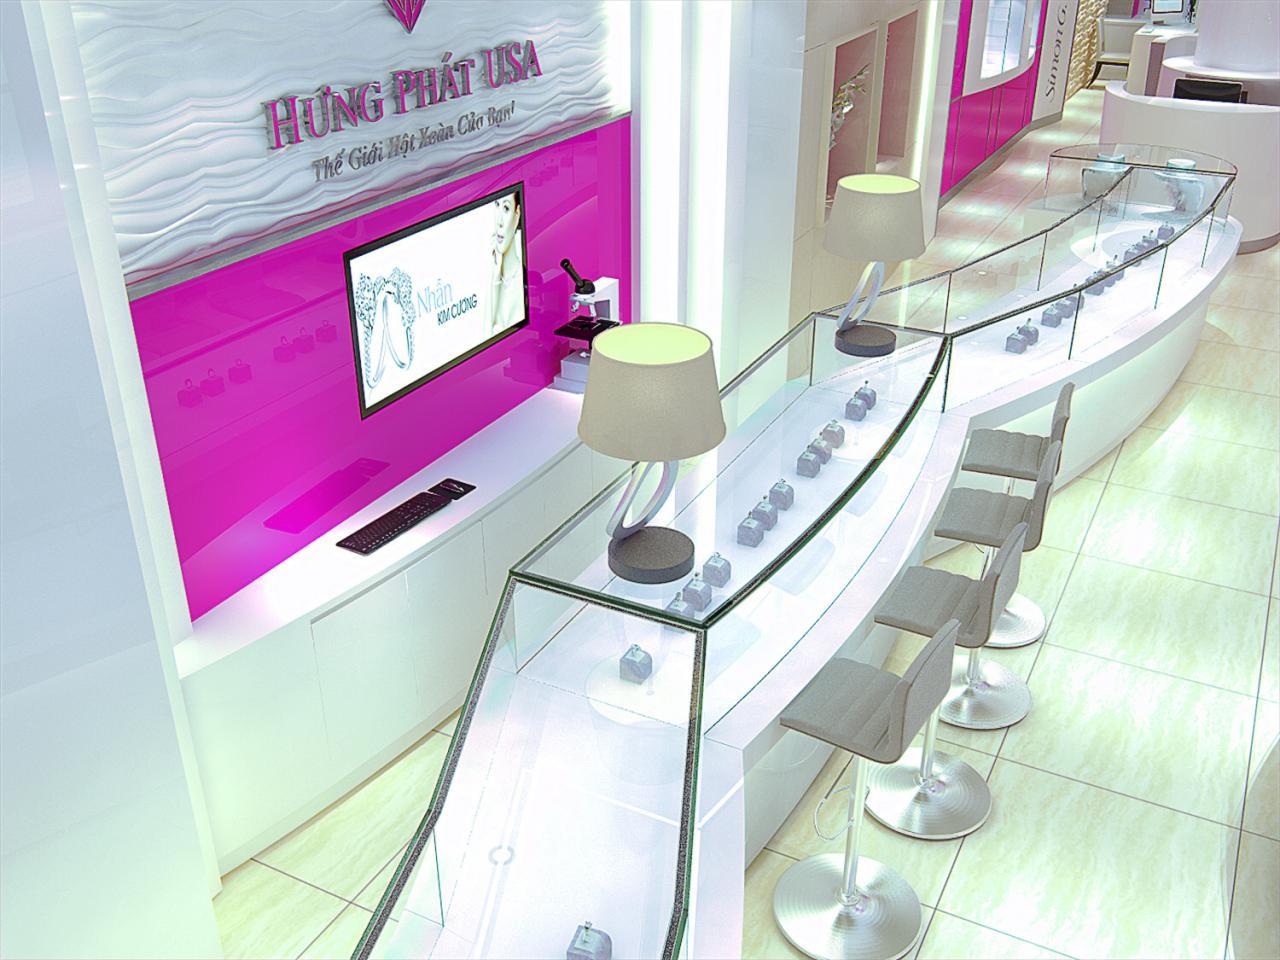 thiết kế trưng bày sản phẩm hưng phát usa